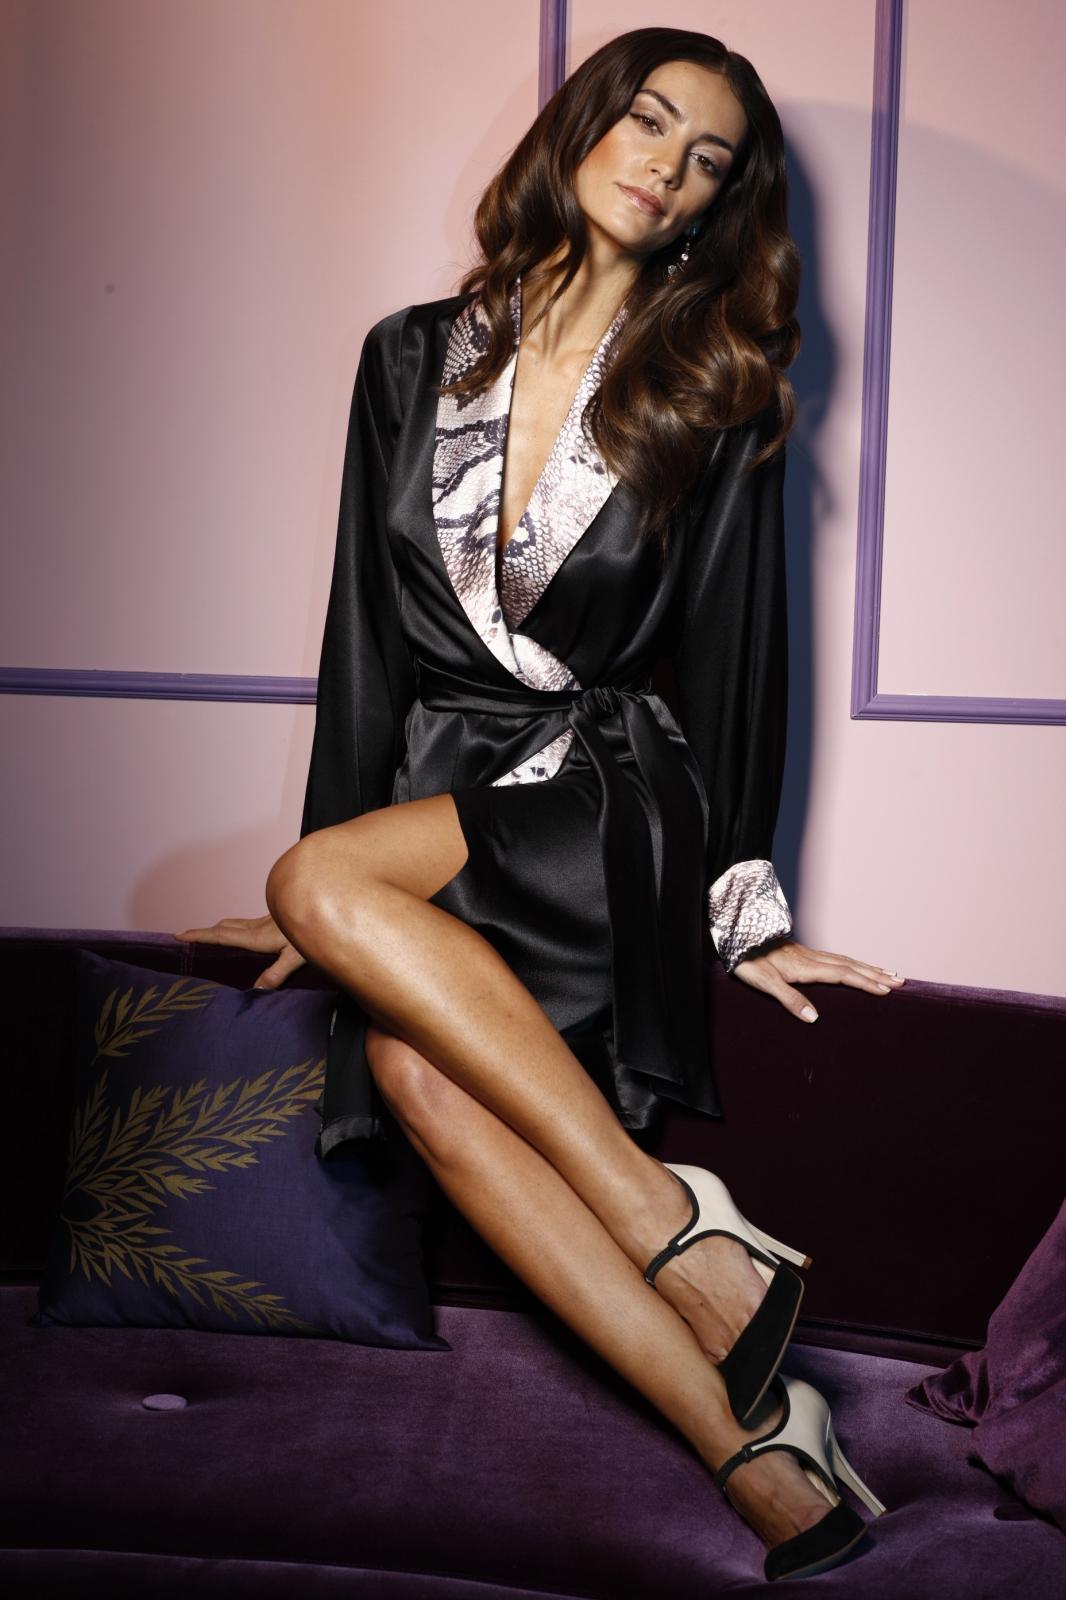 07e0e7455783cde Черный шелковый женский халат (24 фото): длинный, с кружевом